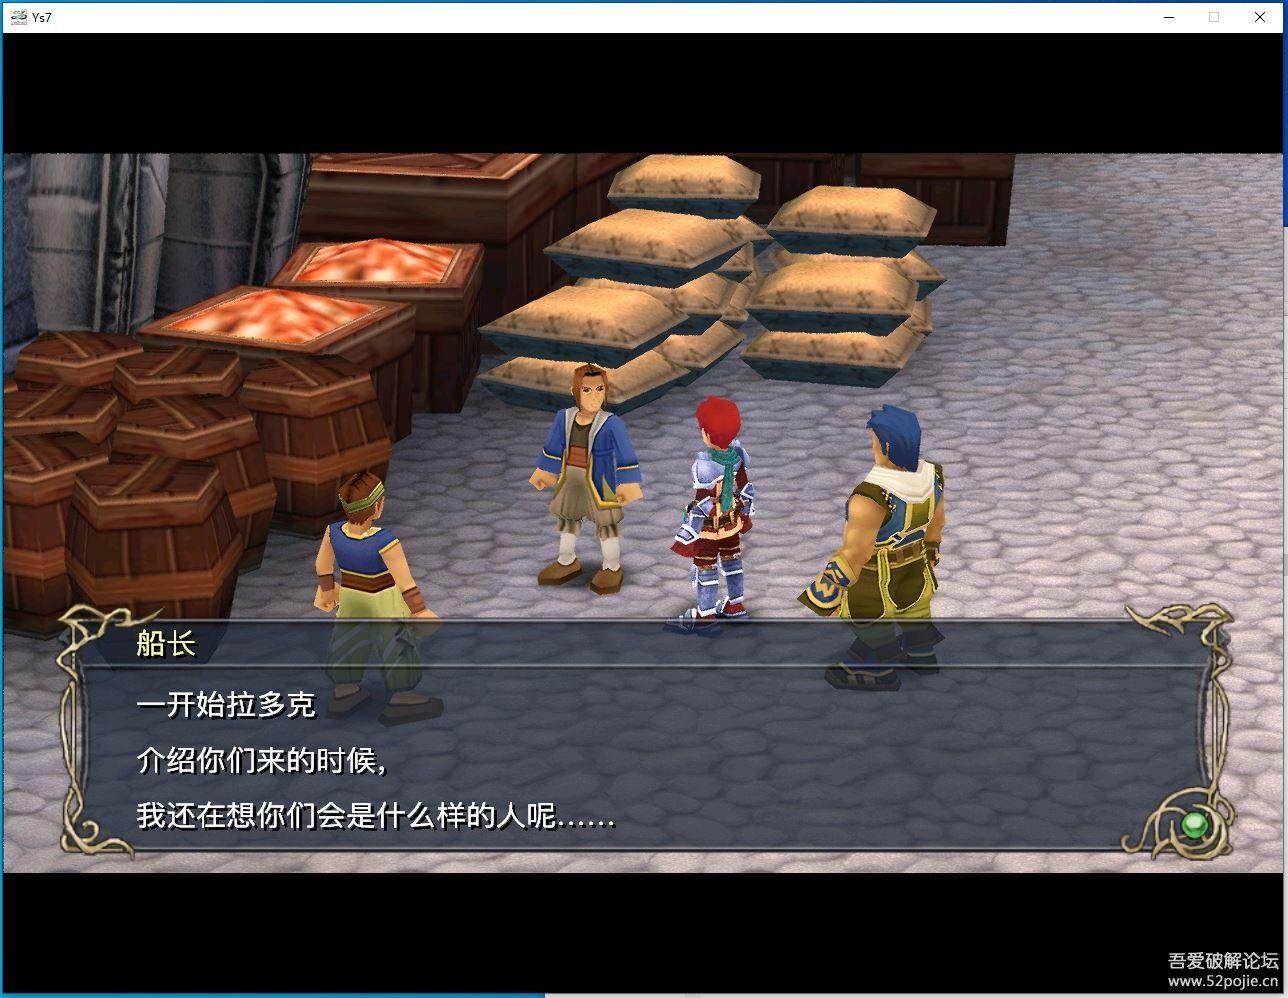 角色扮演游戏《伊苏7》免安装中文版